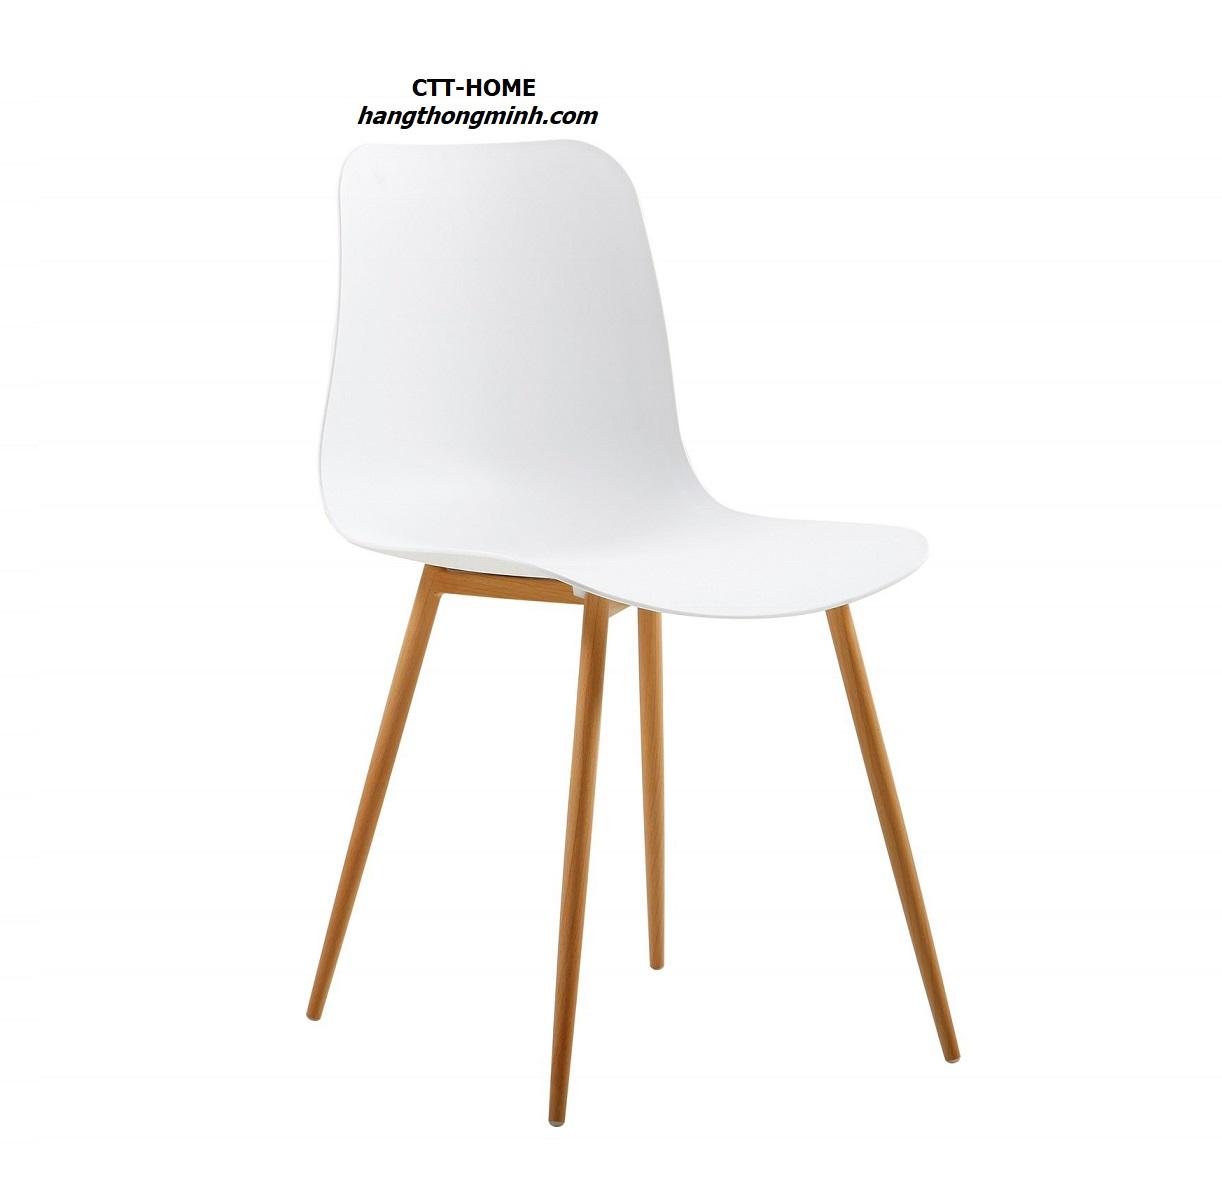 ghế cafe, ghế tiếp khách, ghế ăn gia đình lưng nhựa chân thép giả gỗ